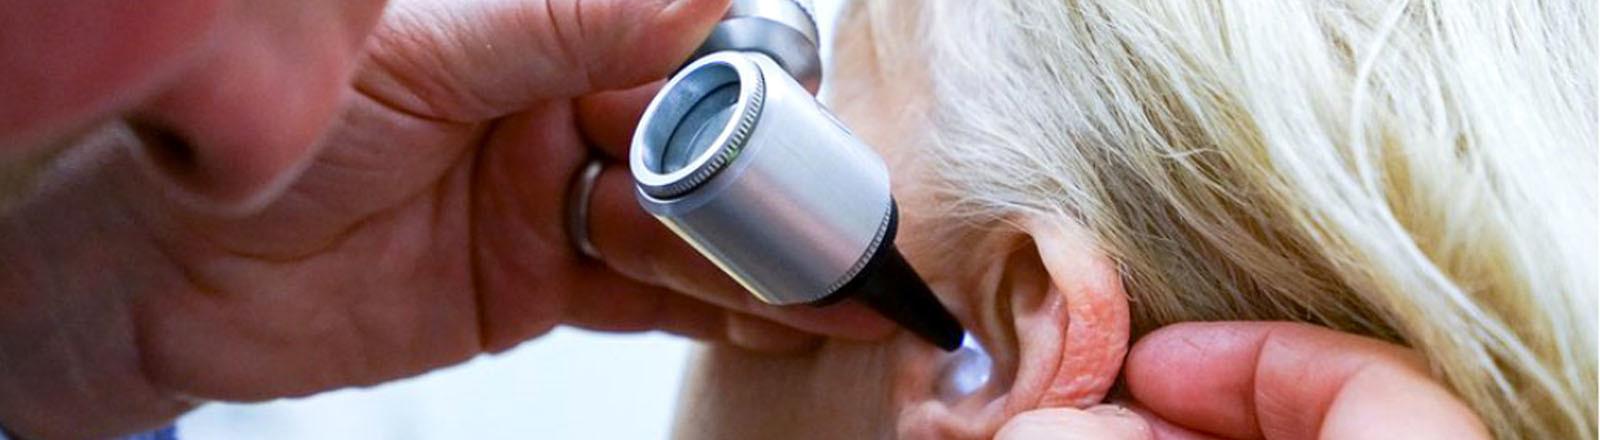 Ohrenartz schaut in das Ohr einer Patientin.